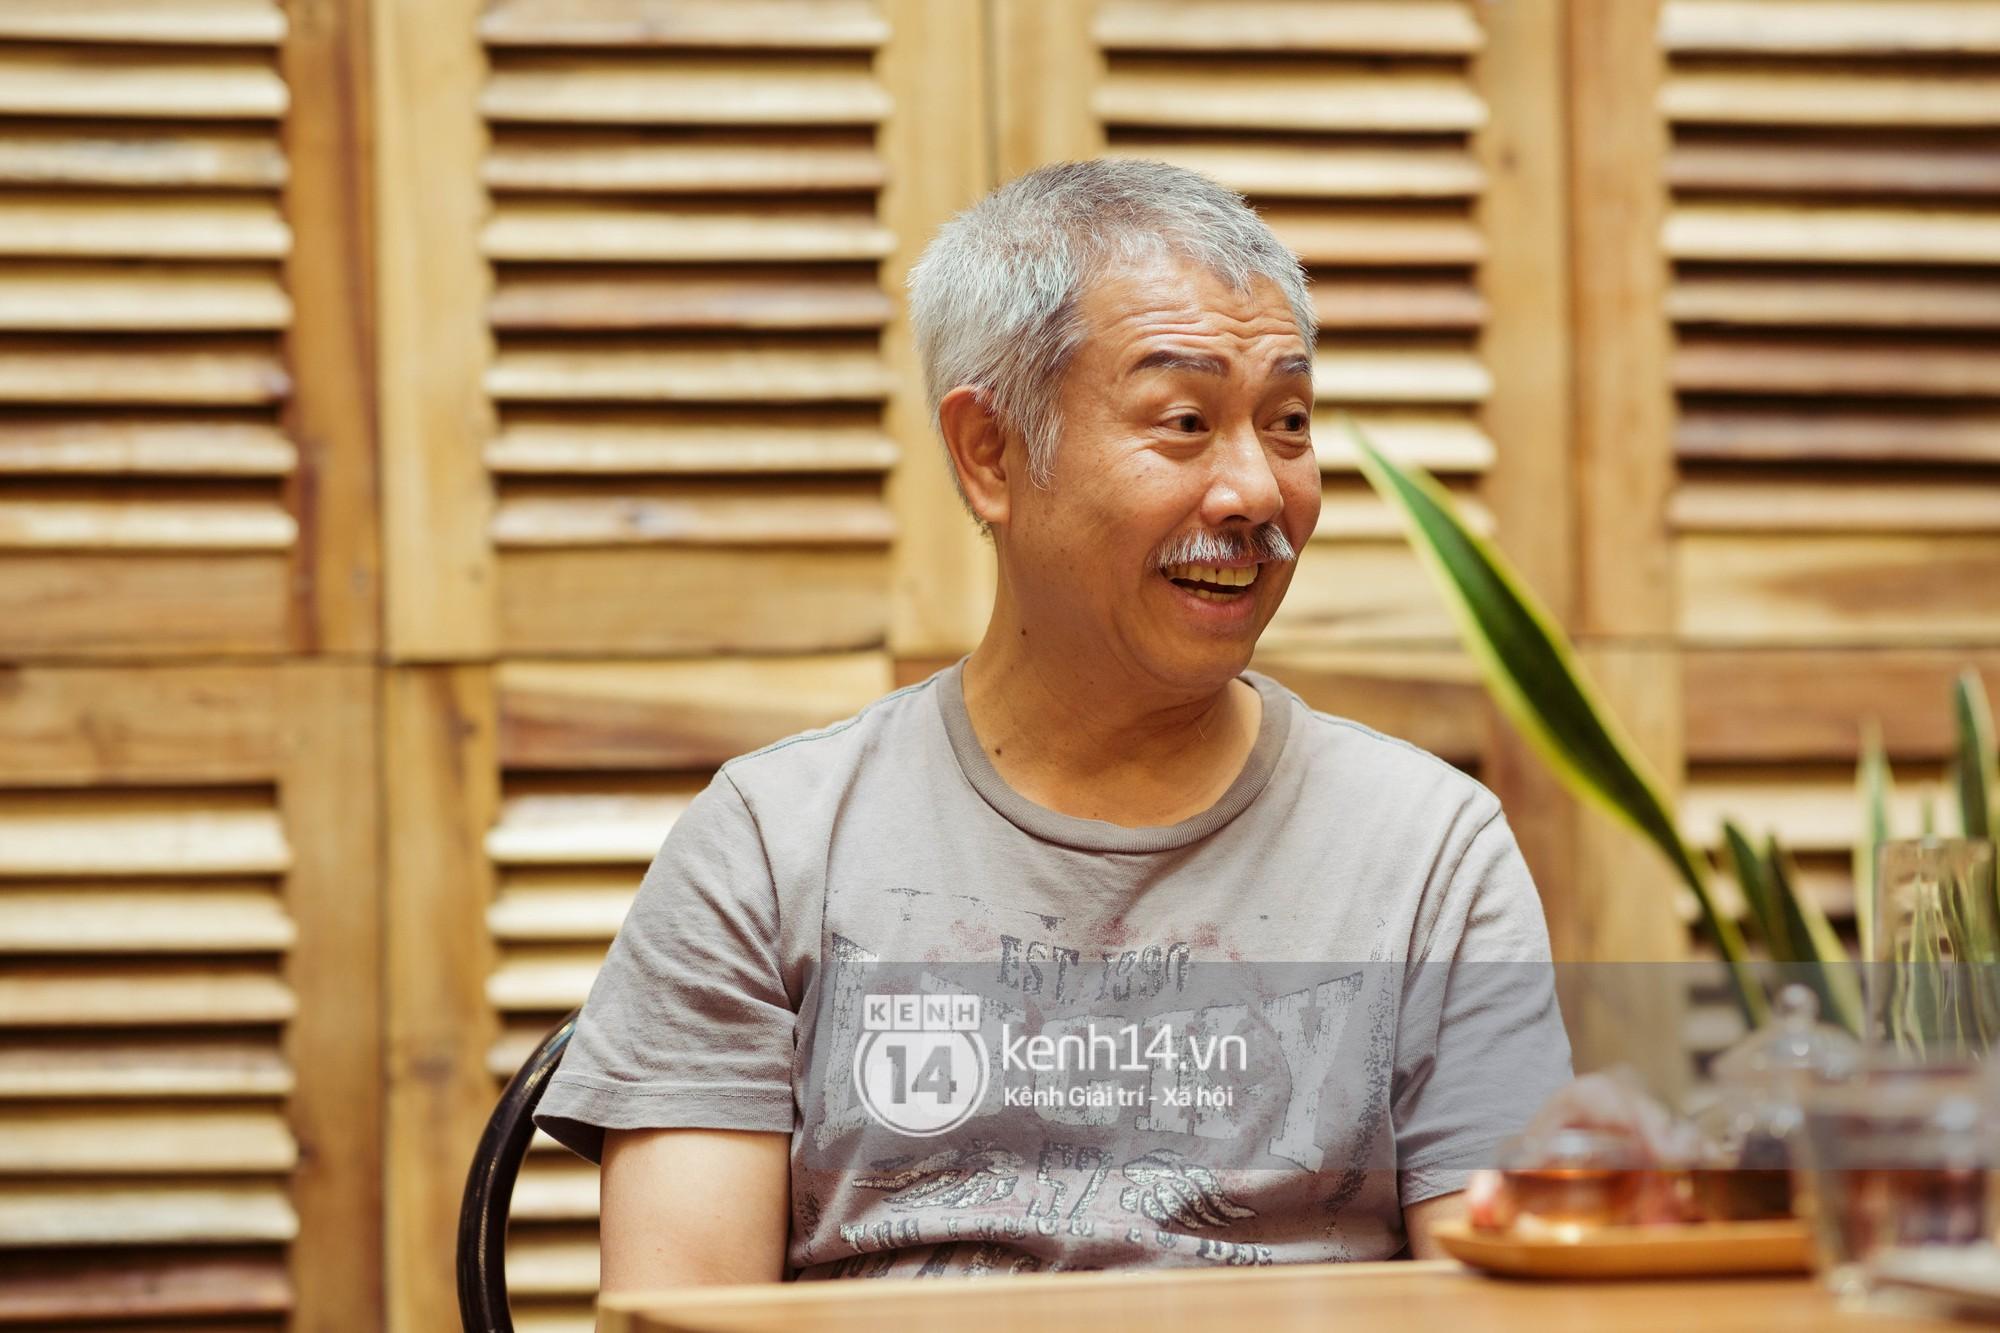 Giáo sư quần đùi Trương Nguyện Thành: Trường tư mà đào tạo ra những sinh viên chất lượng chỉ ngang bằng trường công là thất bại! - Ảnh 24.